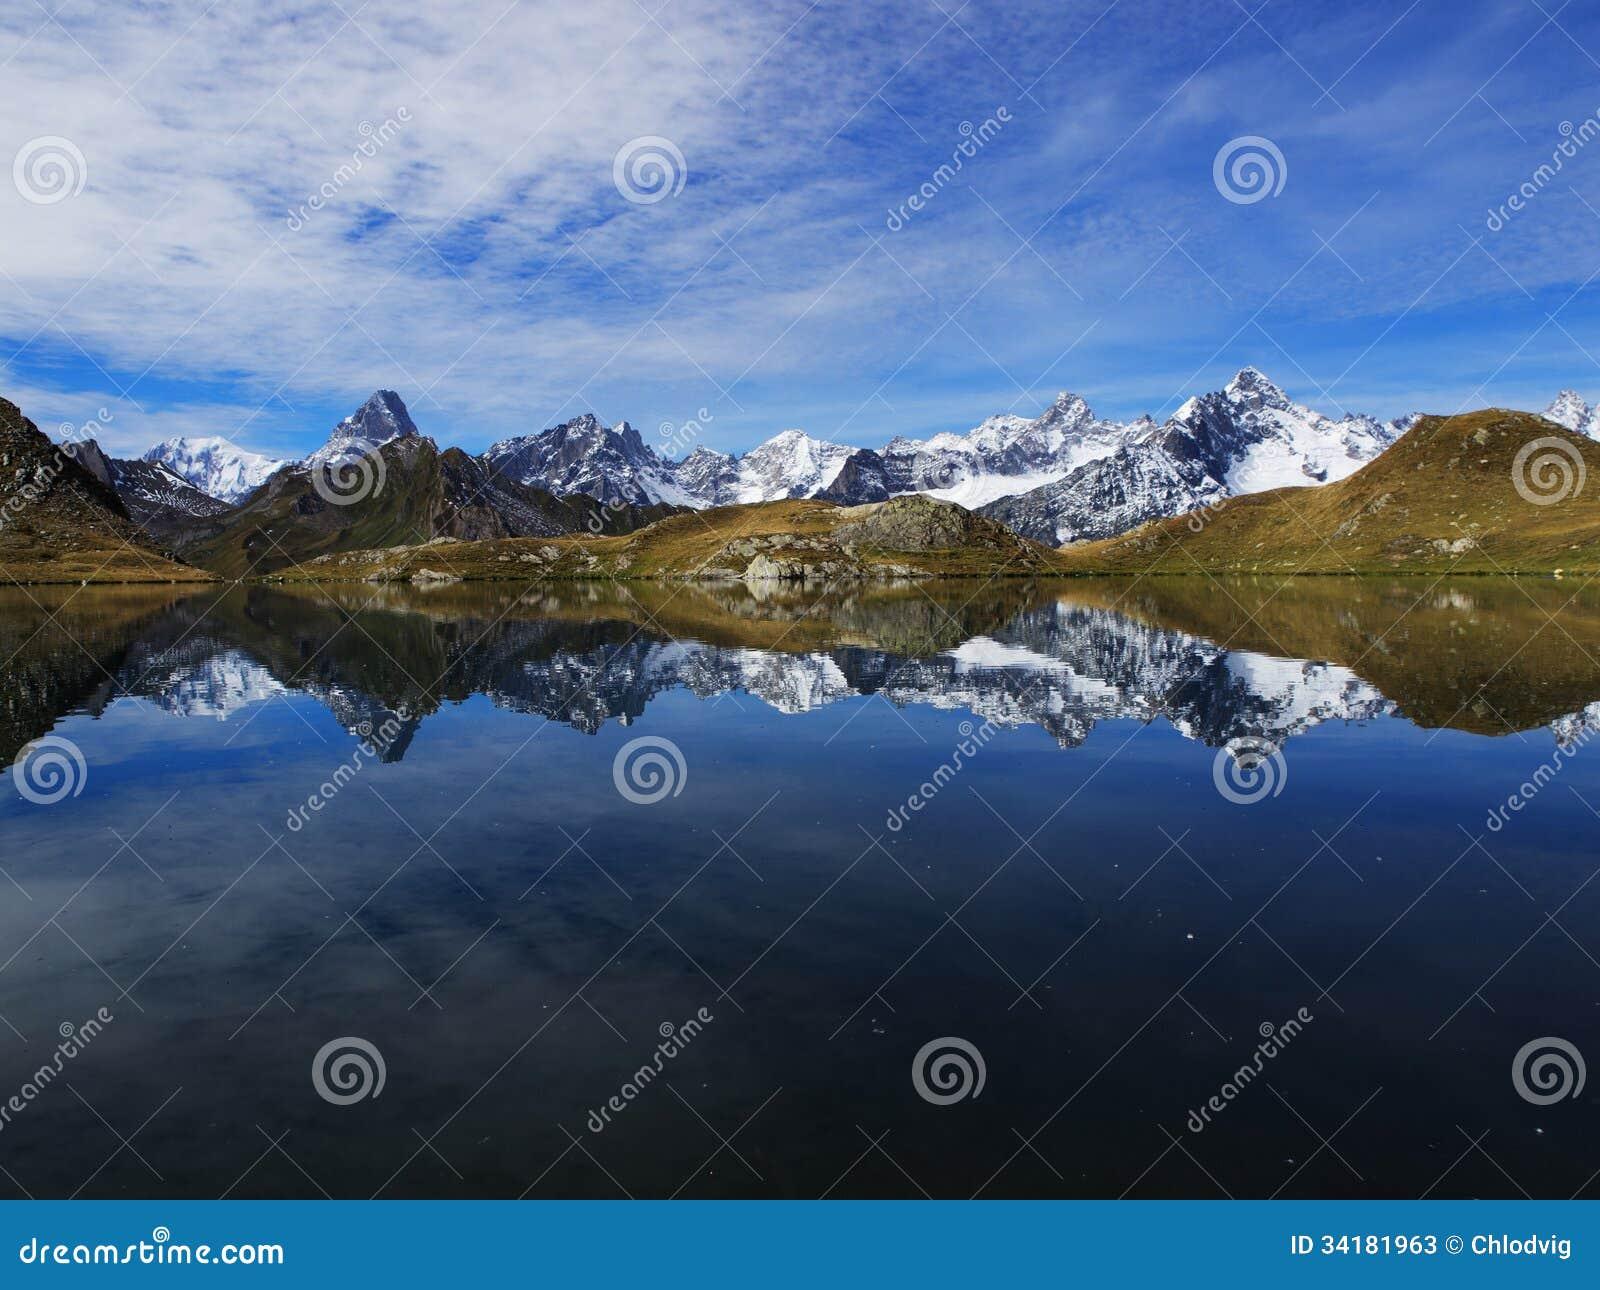 Fenetre See in der Schweiz